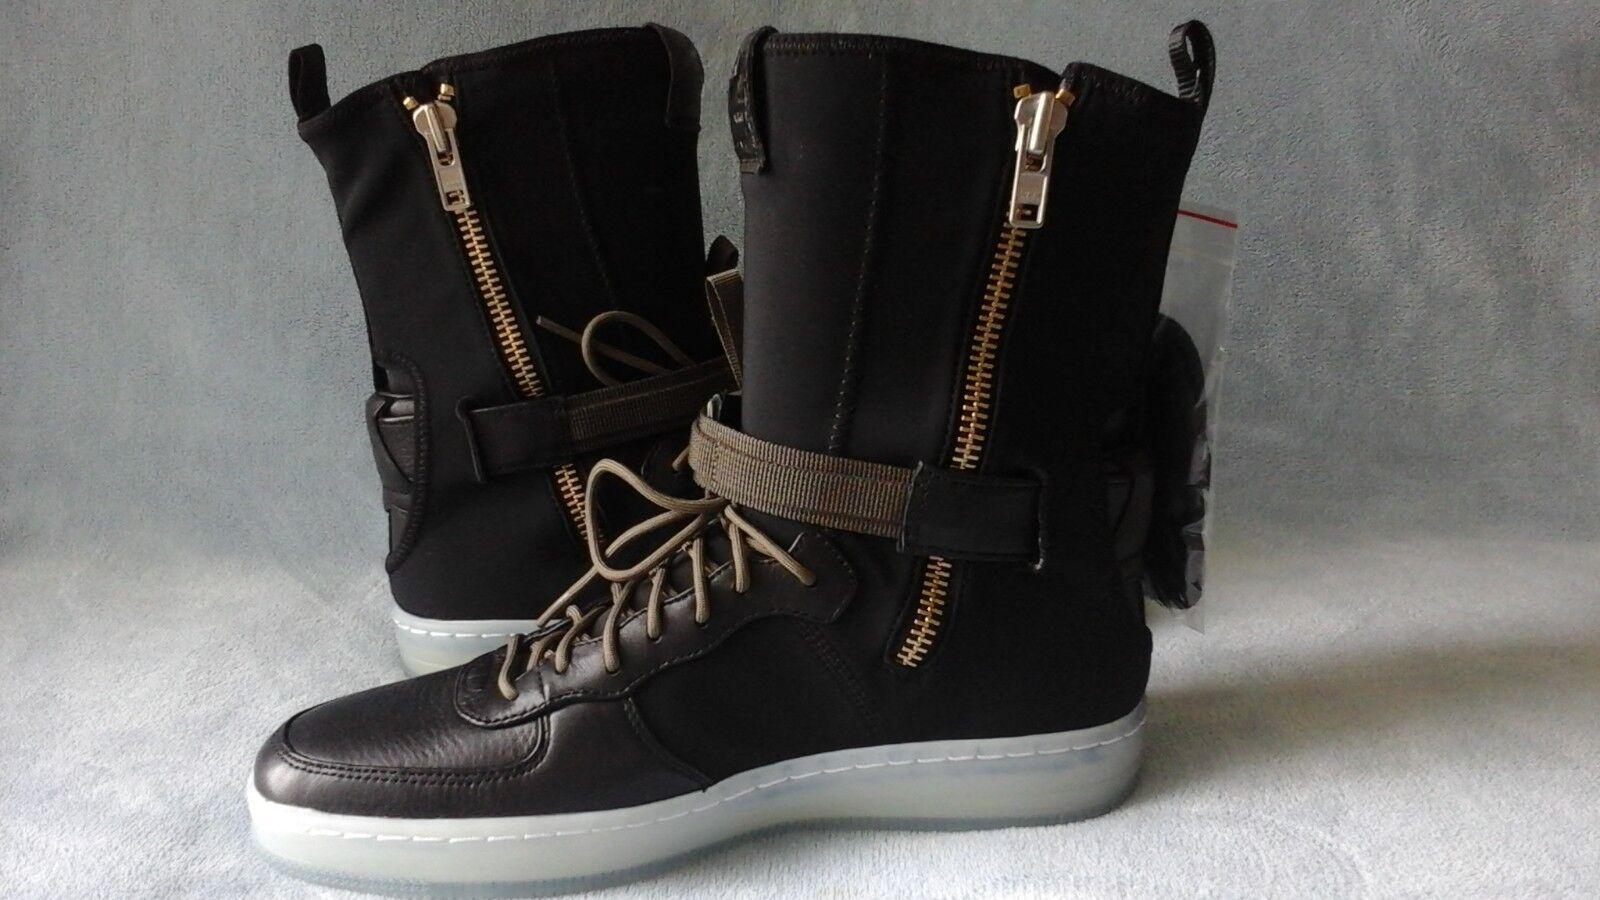 Nike AF1 Downtown HI SP Acronym Black Olive 649941-003 Size 9